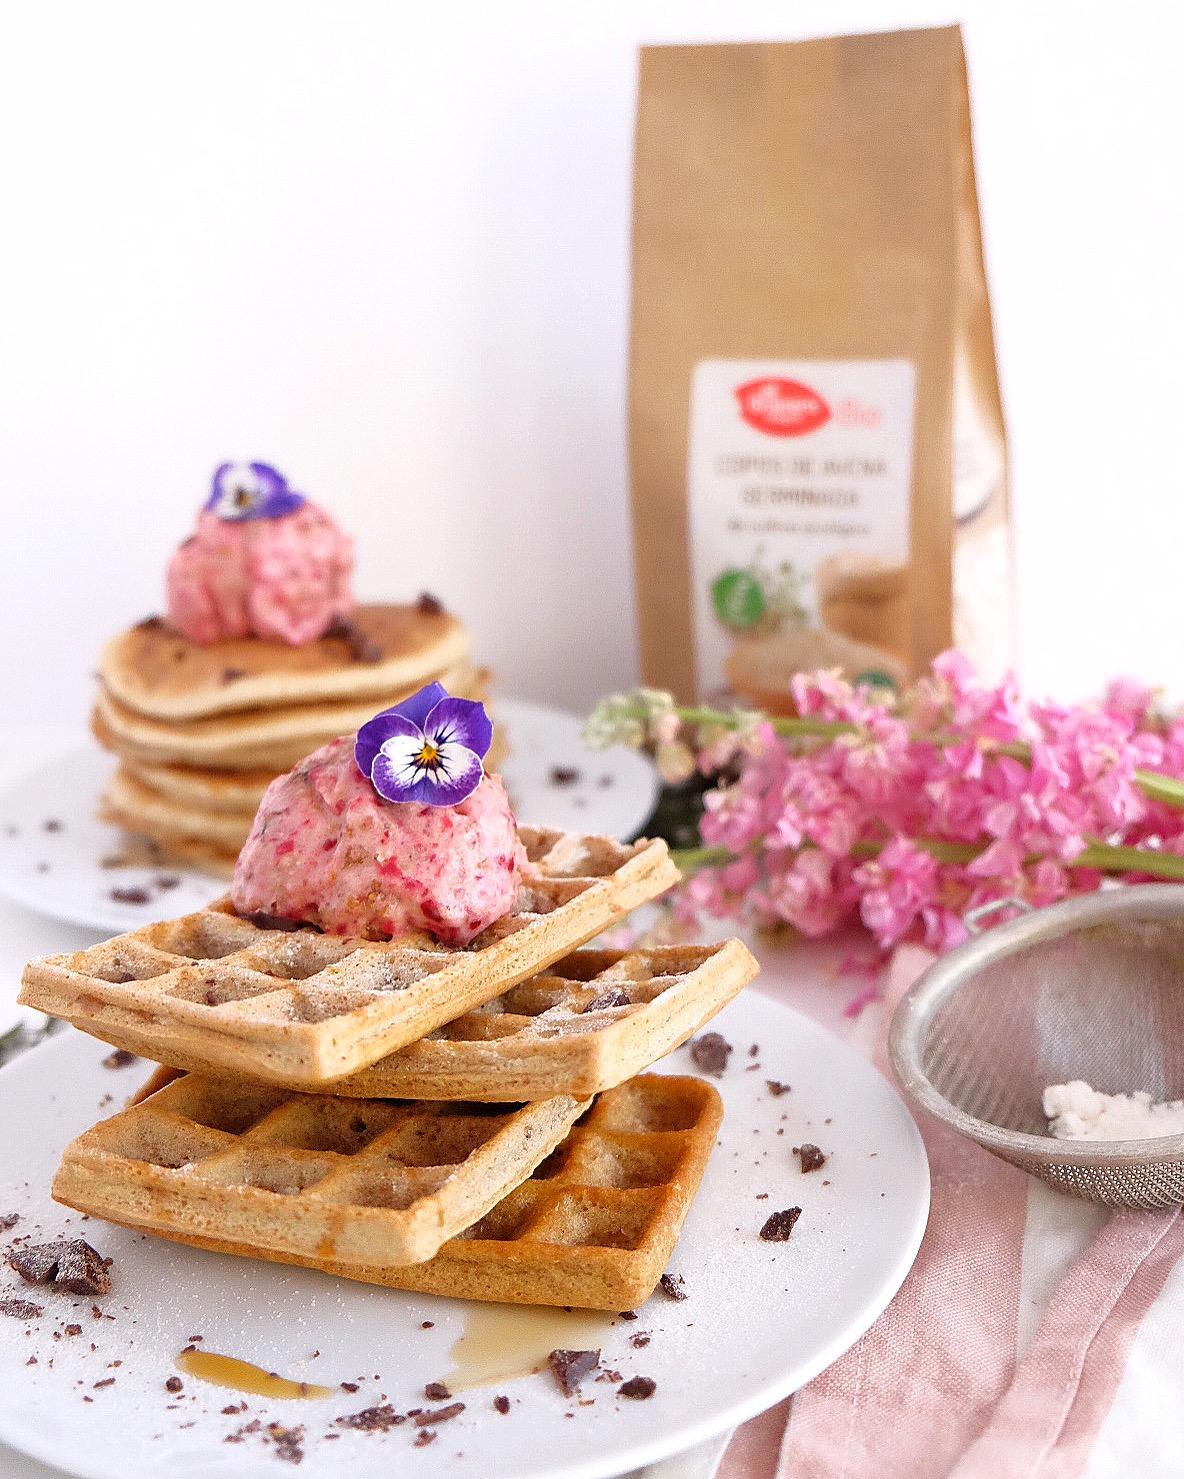 Oats pancake and waffles